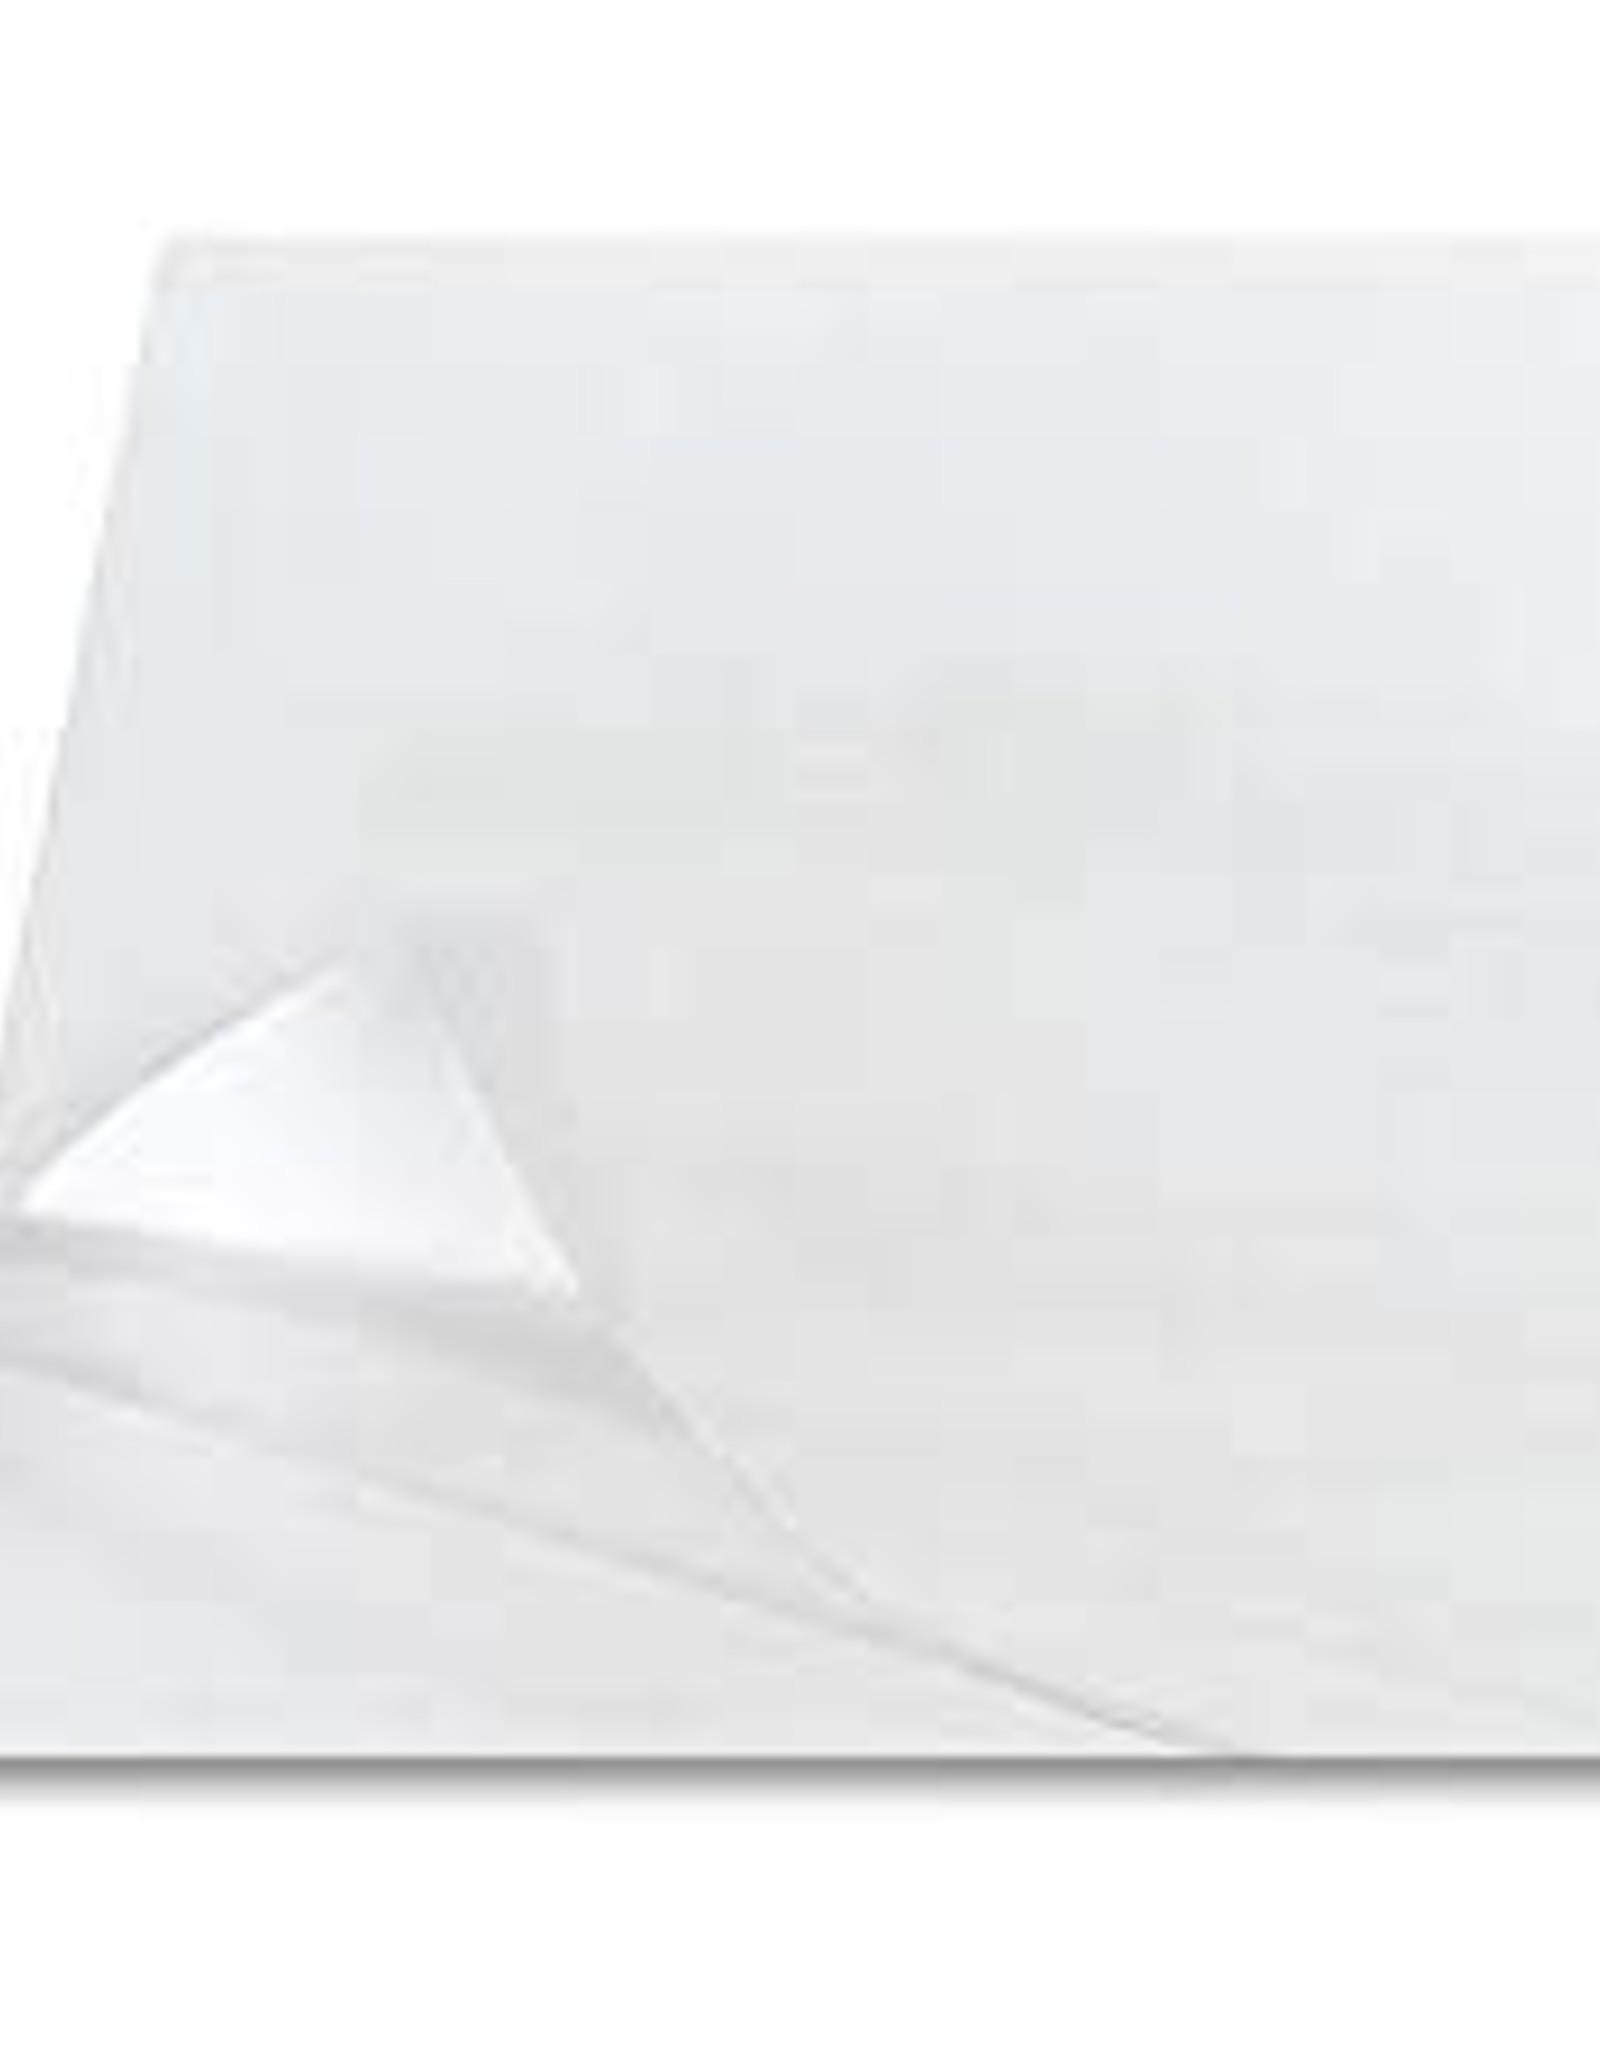 Duralar .003 25''x40'' Clear Lay- 25 Sht/Pkg